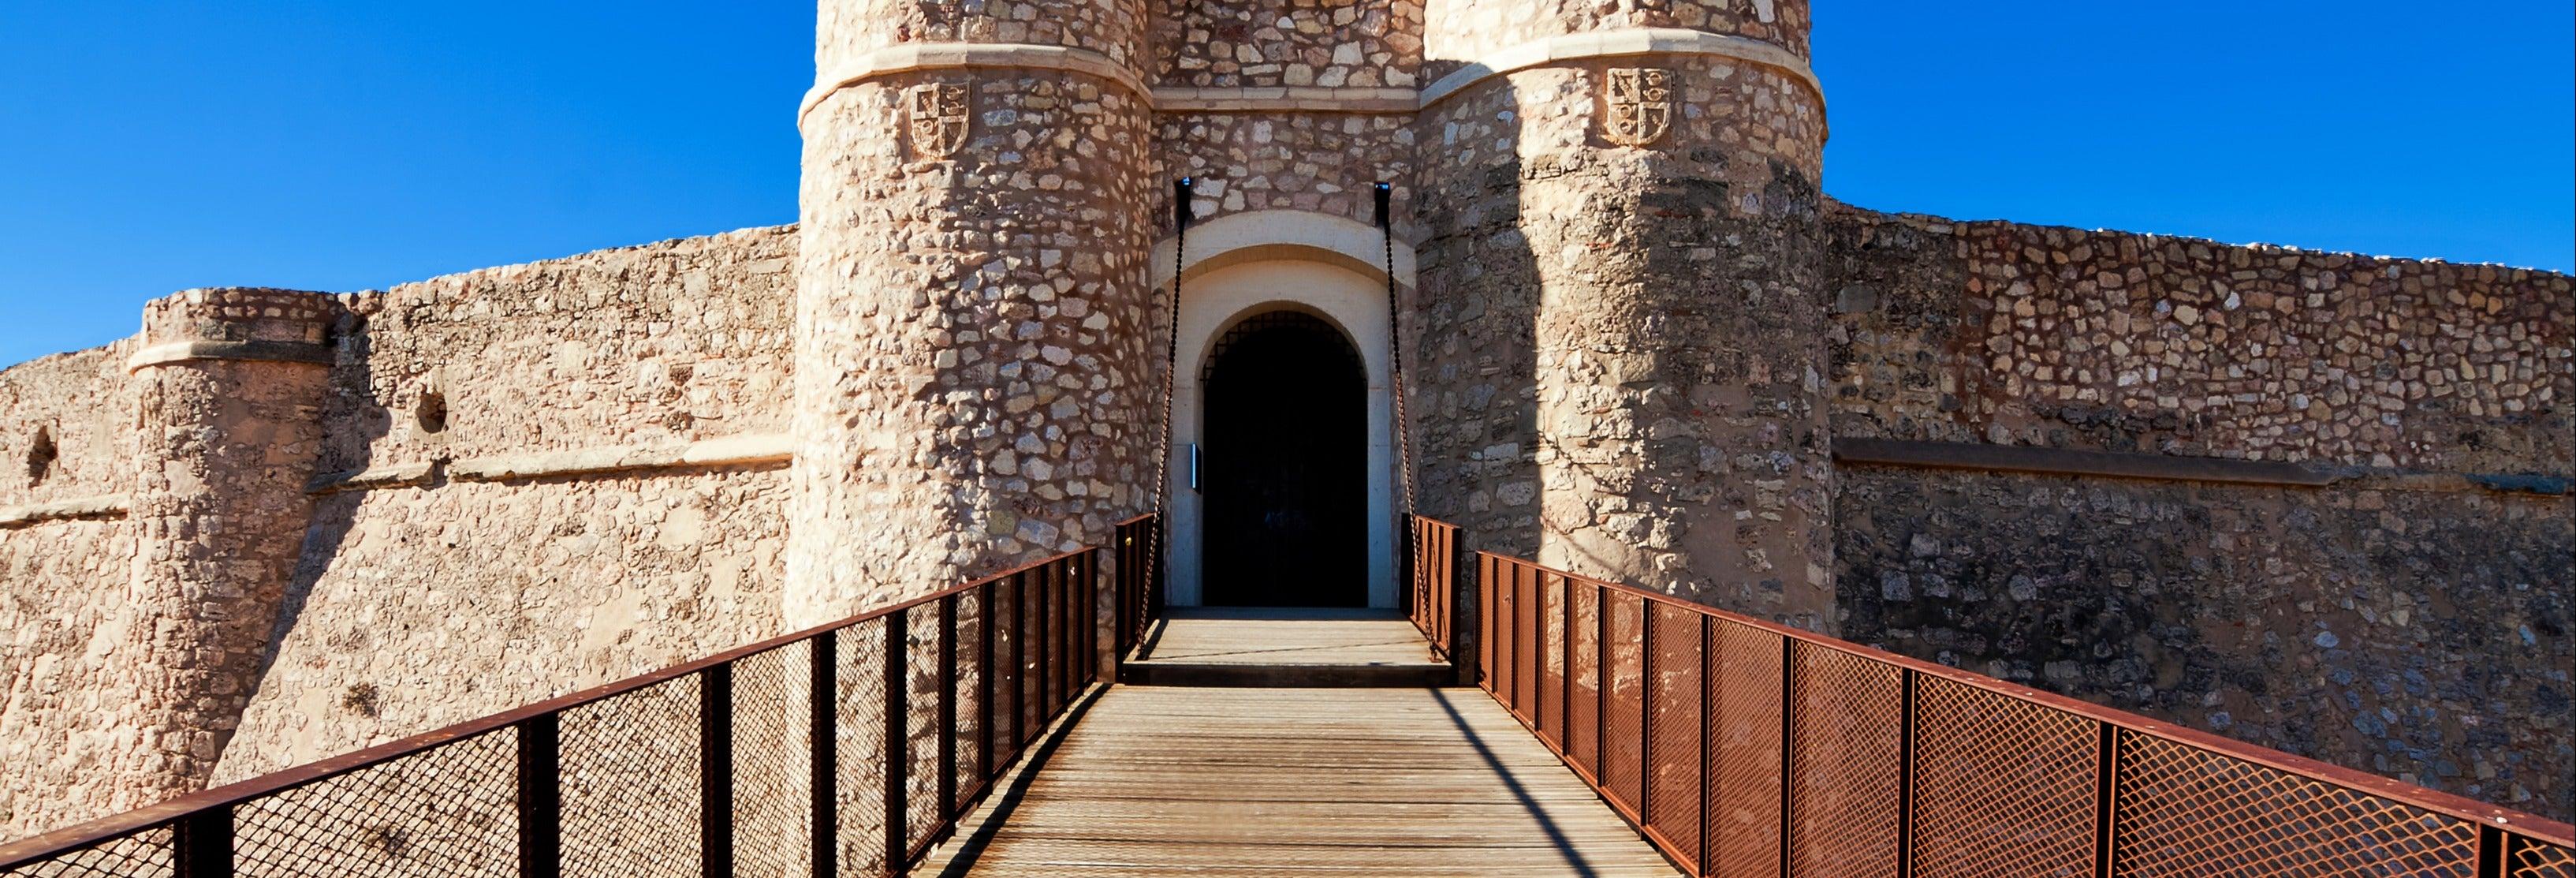 Visita guiada por Chinchilla de Montearagón